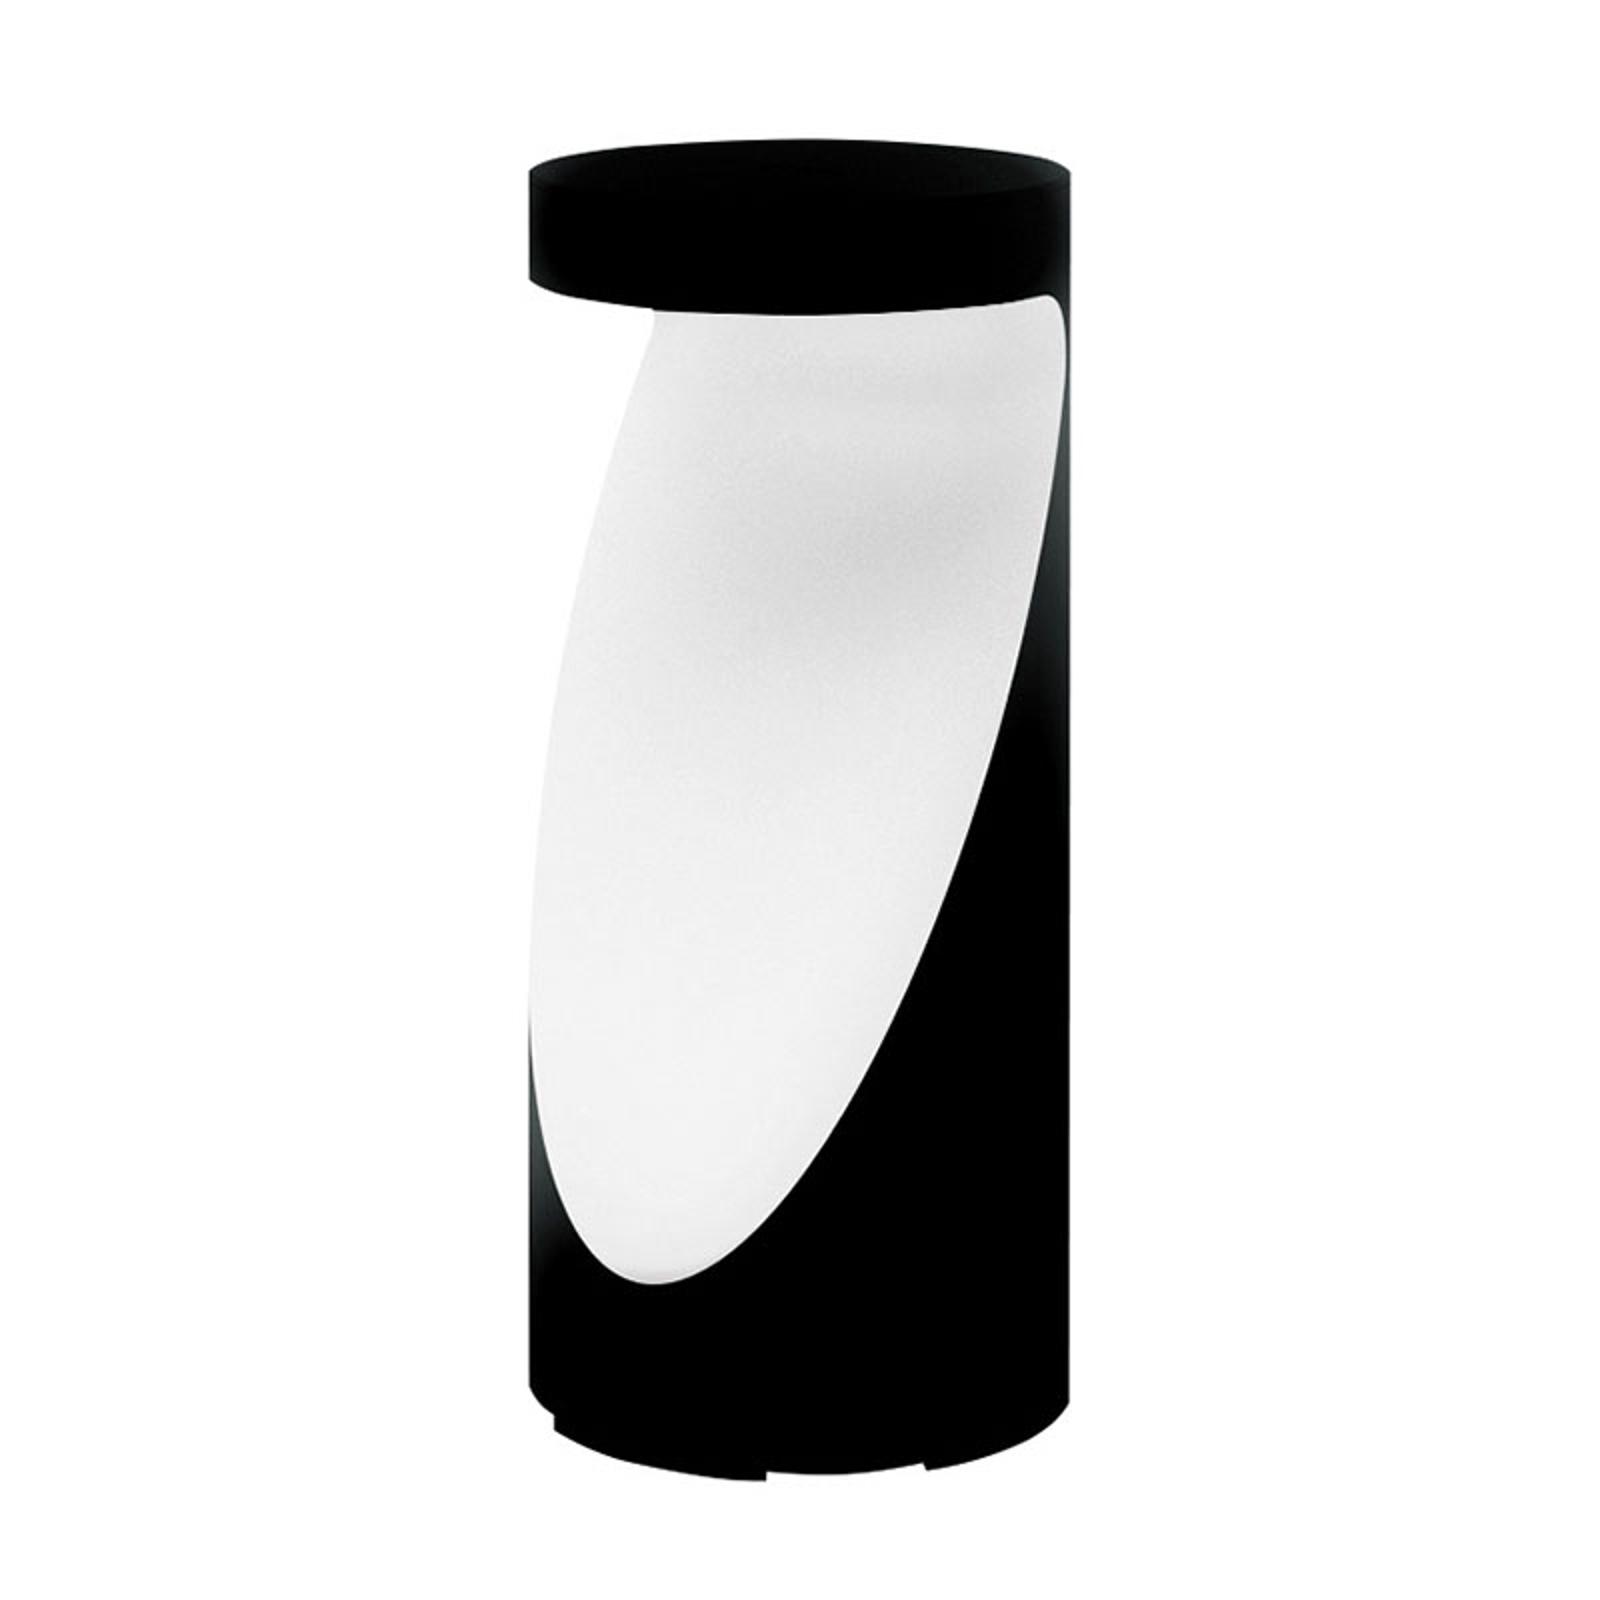 Artemide Ippolito 45 LED-sokkellampe